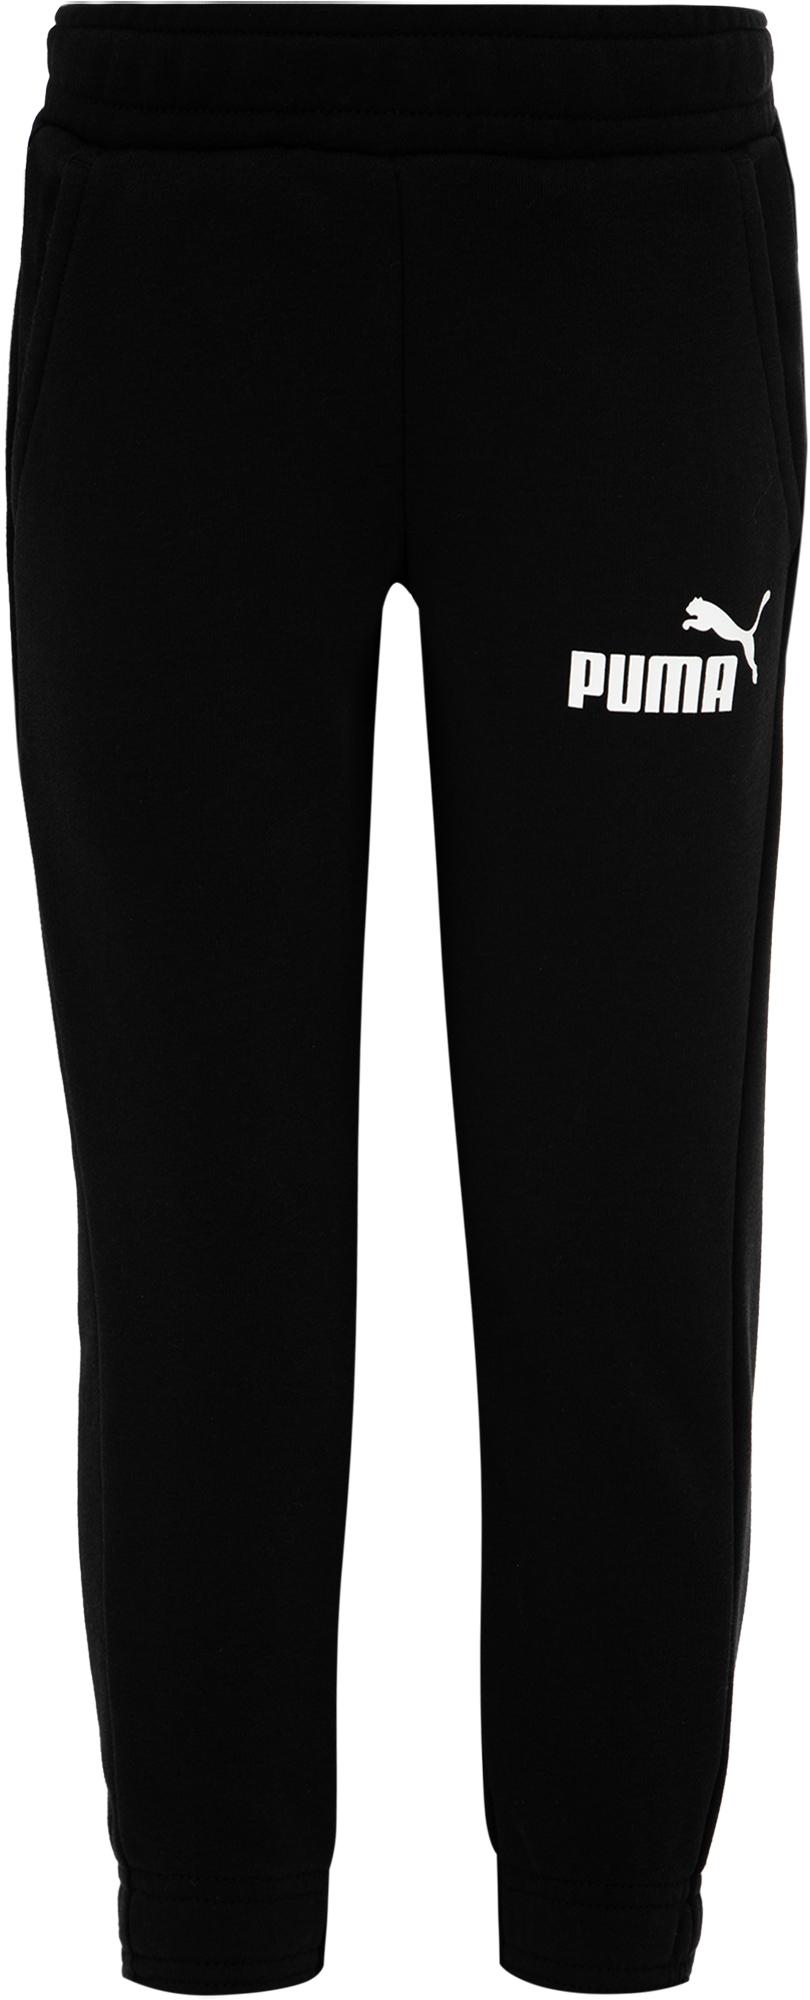 Puma Брюки для мальчиков Puma Essentials Sweat, размер 176 цена в Москве и Питере